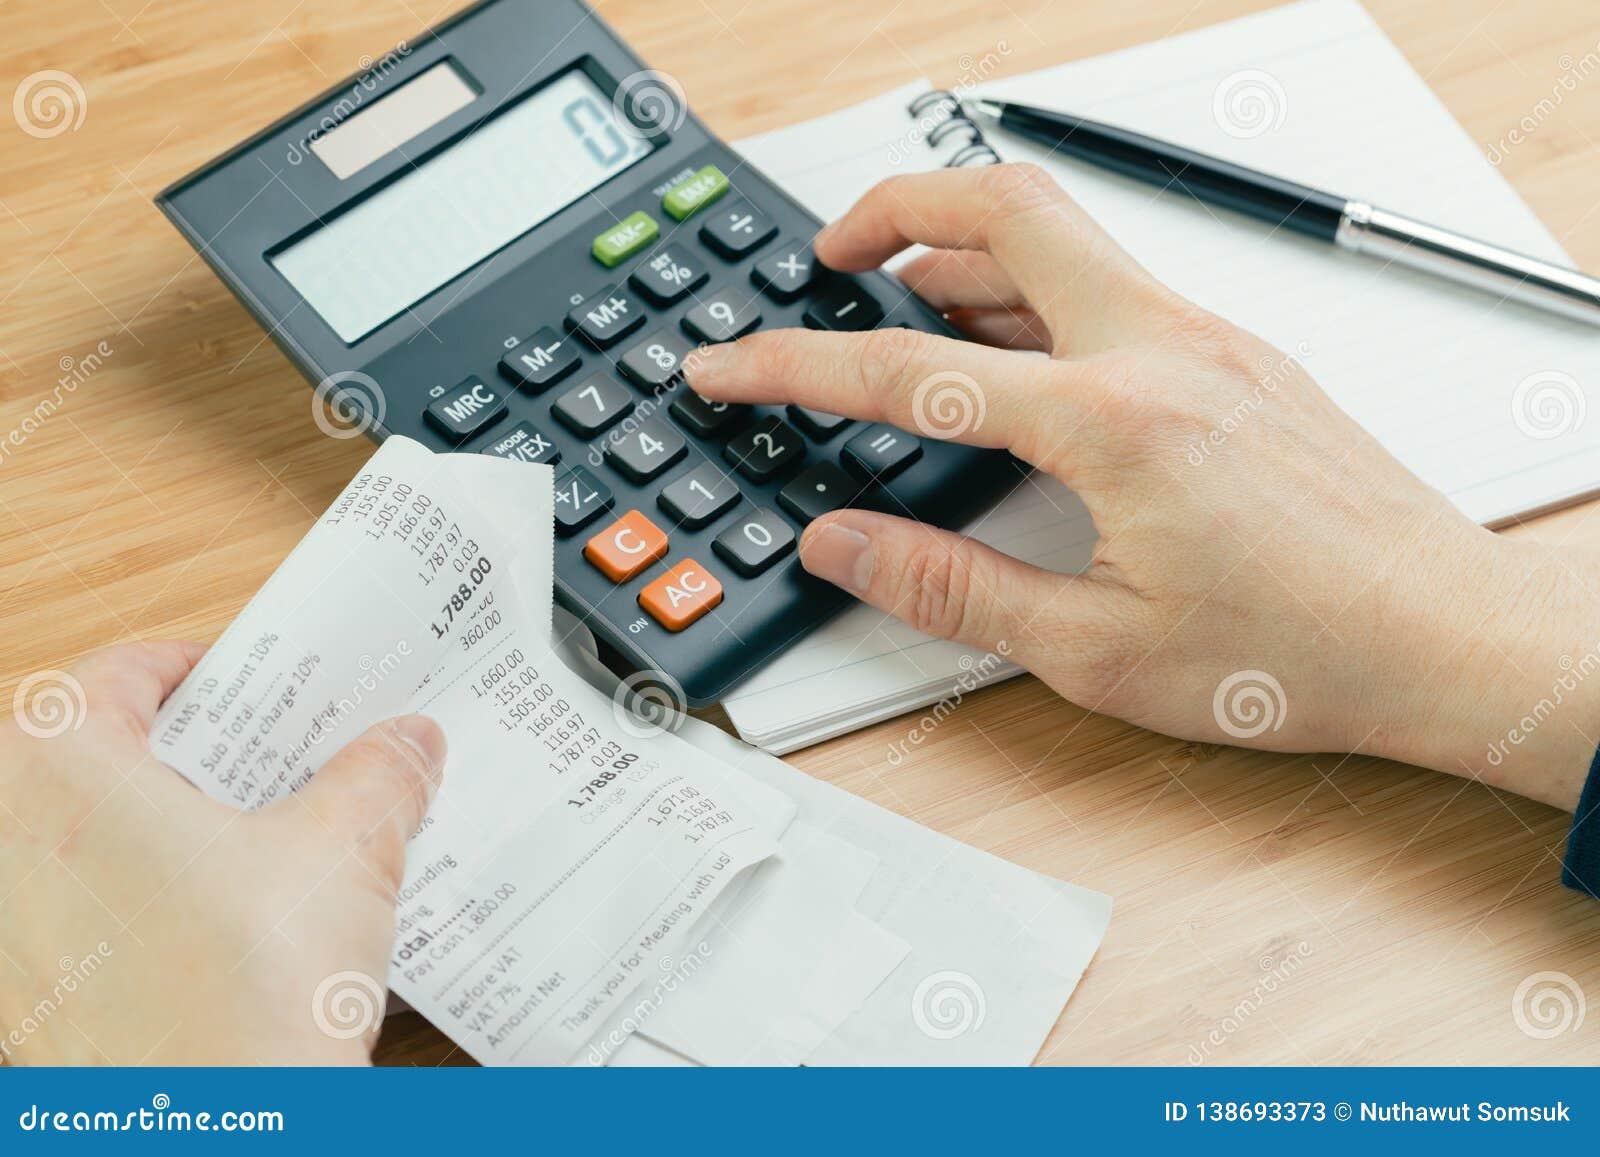 费用和费用演算或者票据付款概念,手在计算器上把手指和黑笔放在纸笔记薄